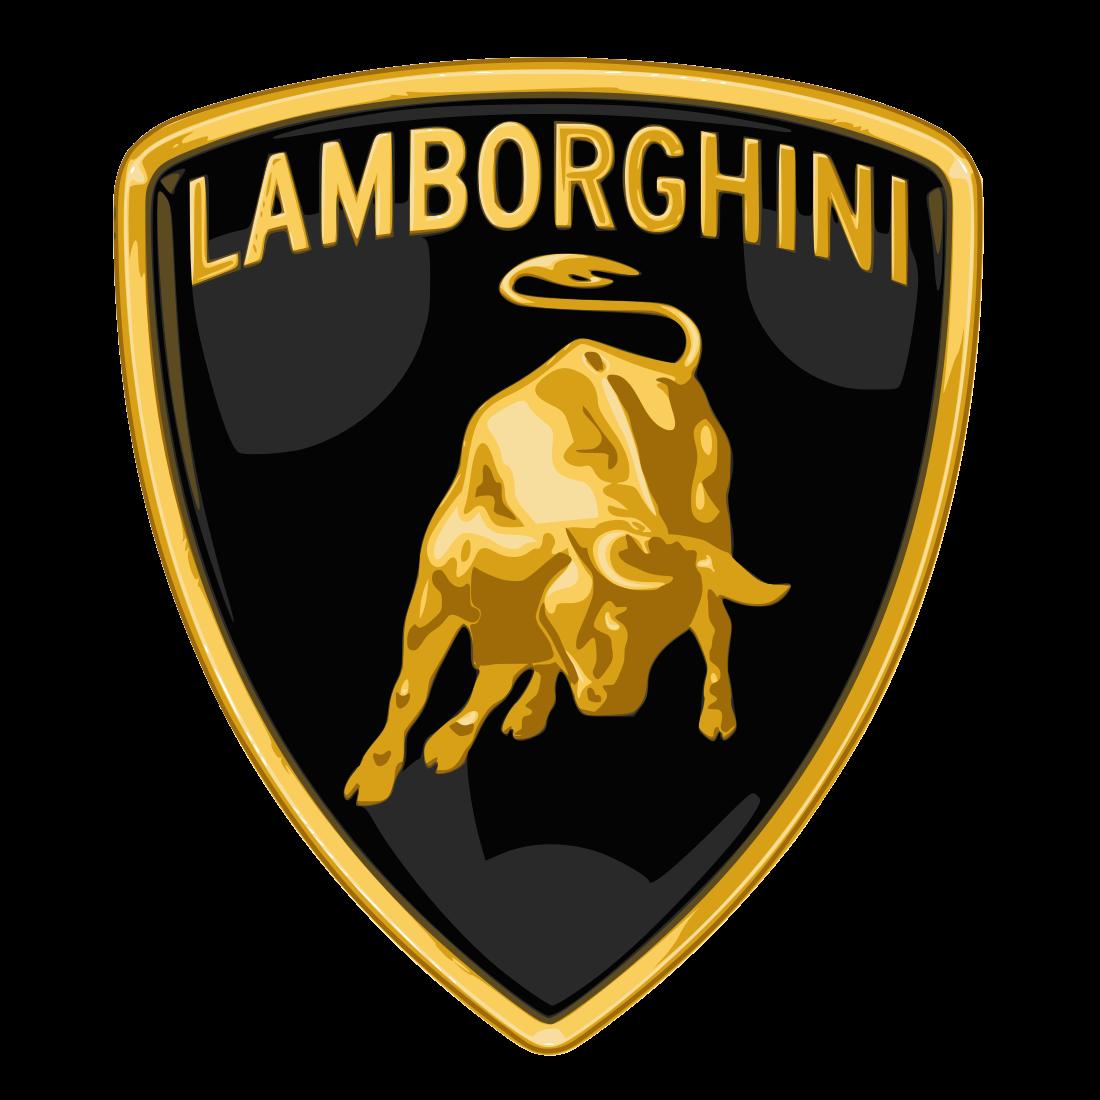 Edd9d0 Lamborghini Logo